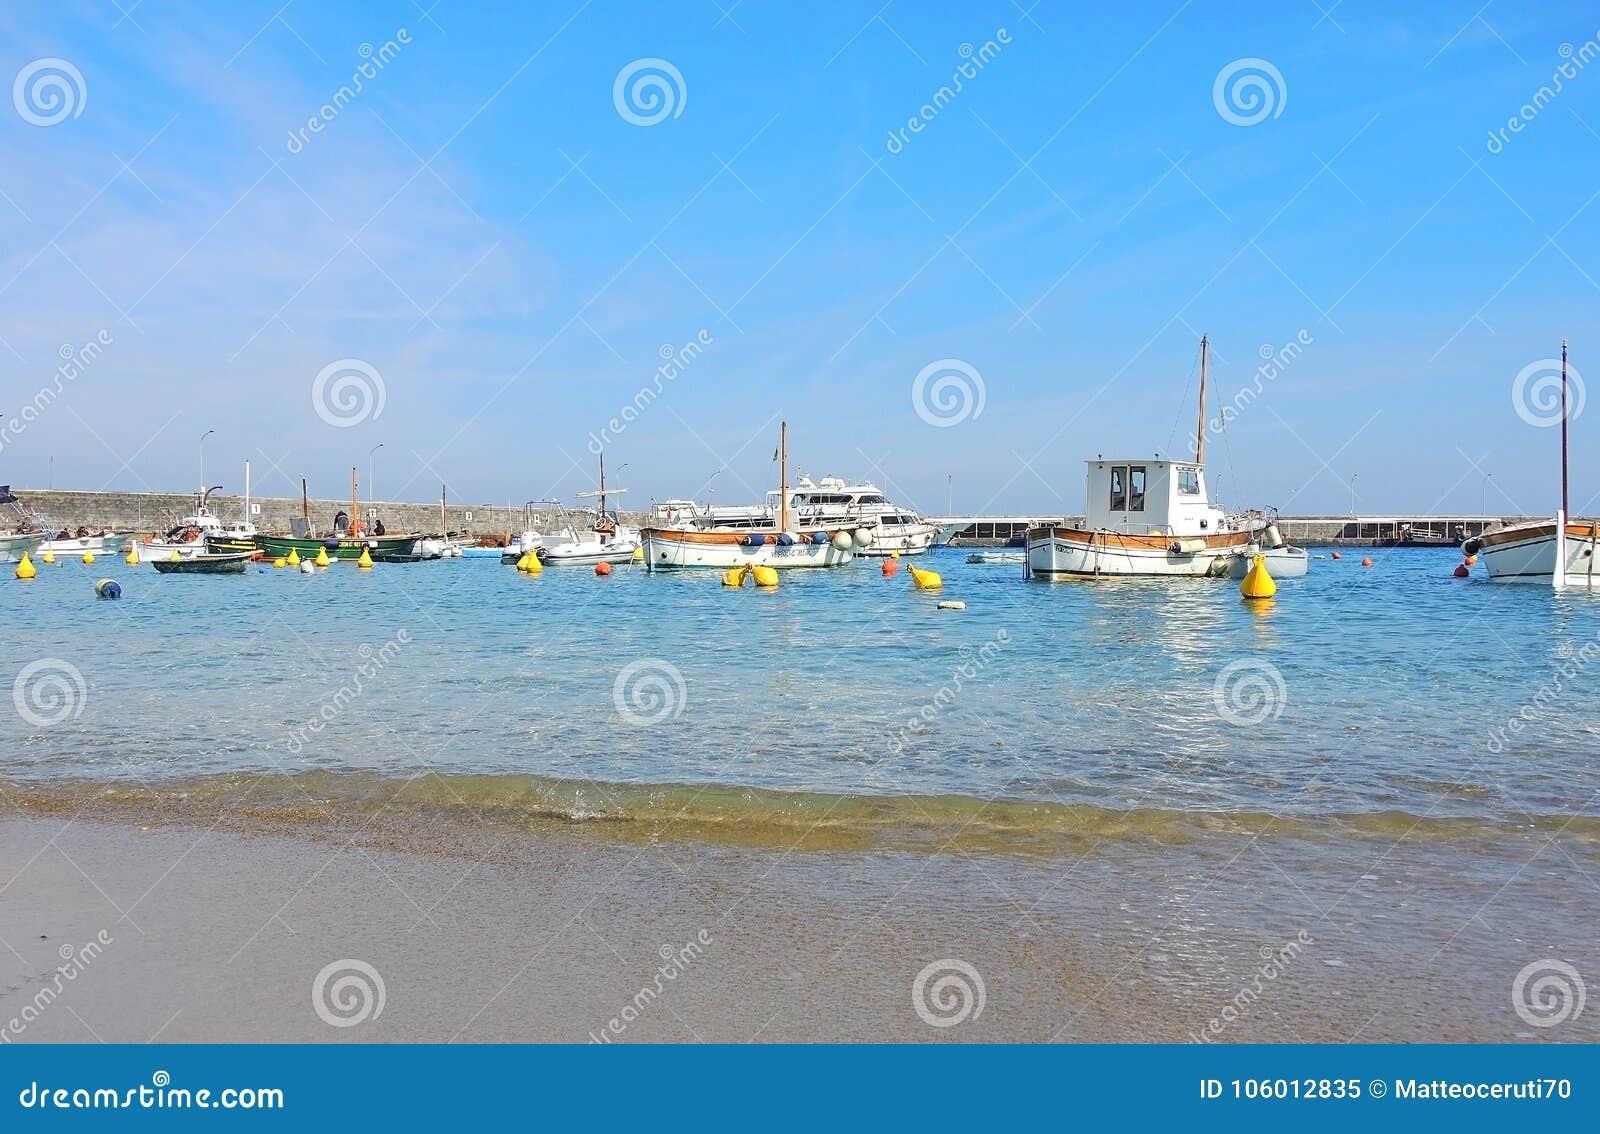 Capri, Naples, Italy  The Harbor Of The Village Marina